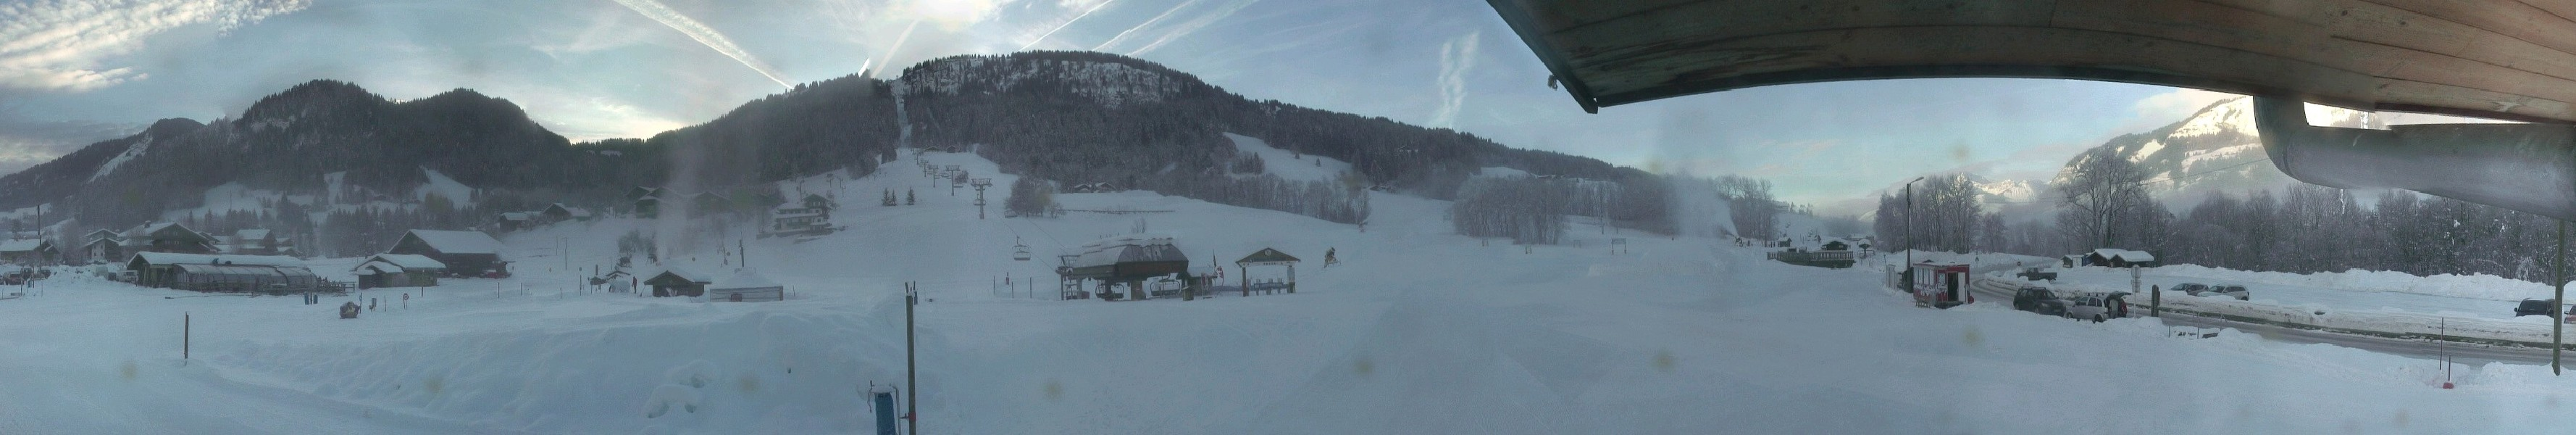 La production de neige de culture continue � Praz sur Arly